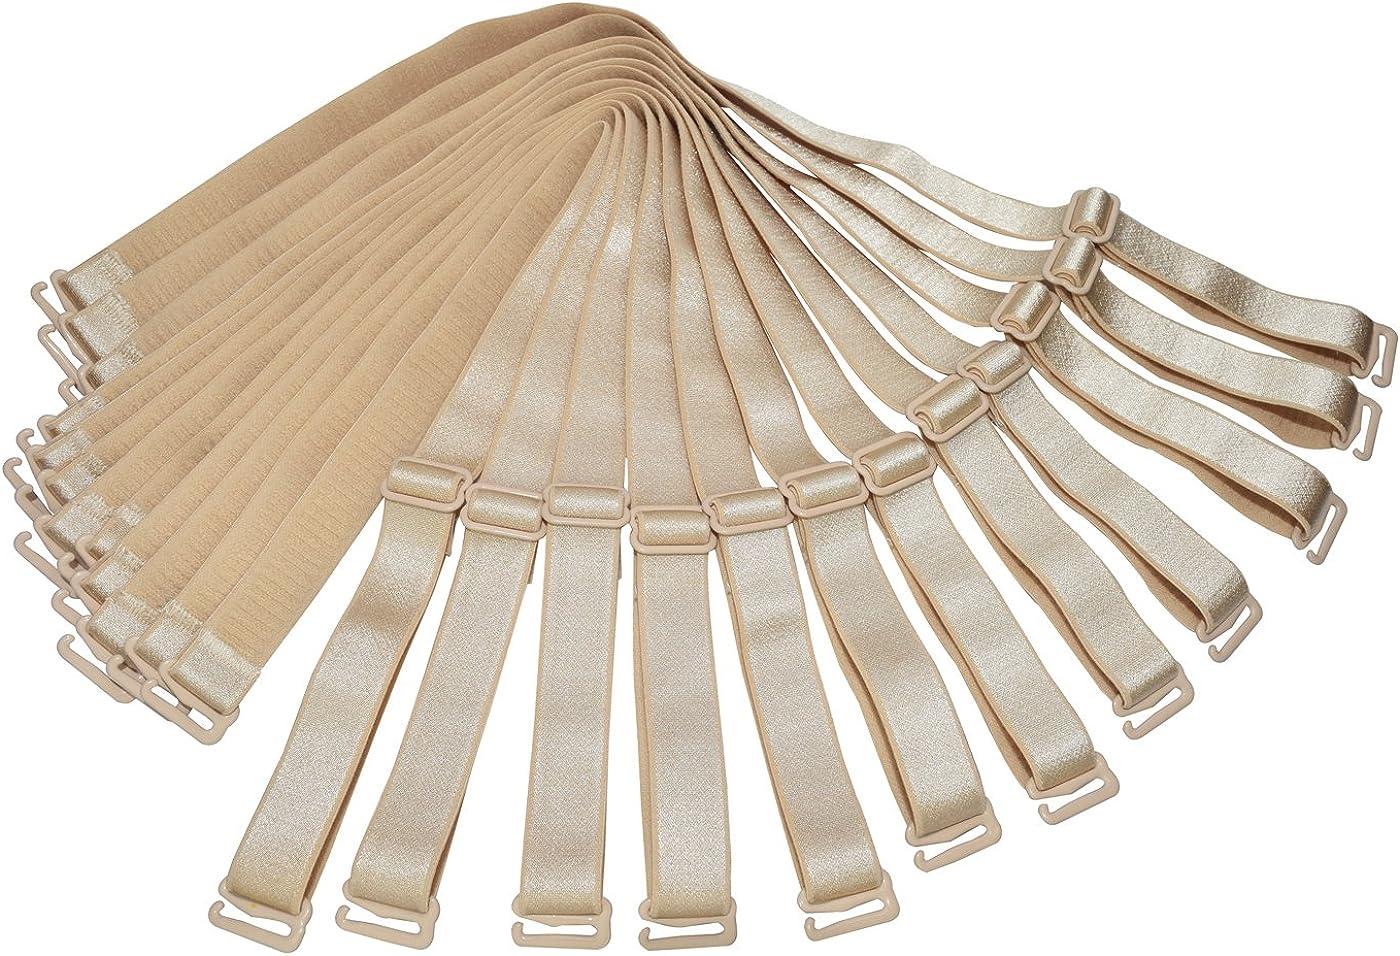 Shoulder Bra Straps Replacement 12mm 15mm 18mm Width Elastic Adjustable Removable Multi Color